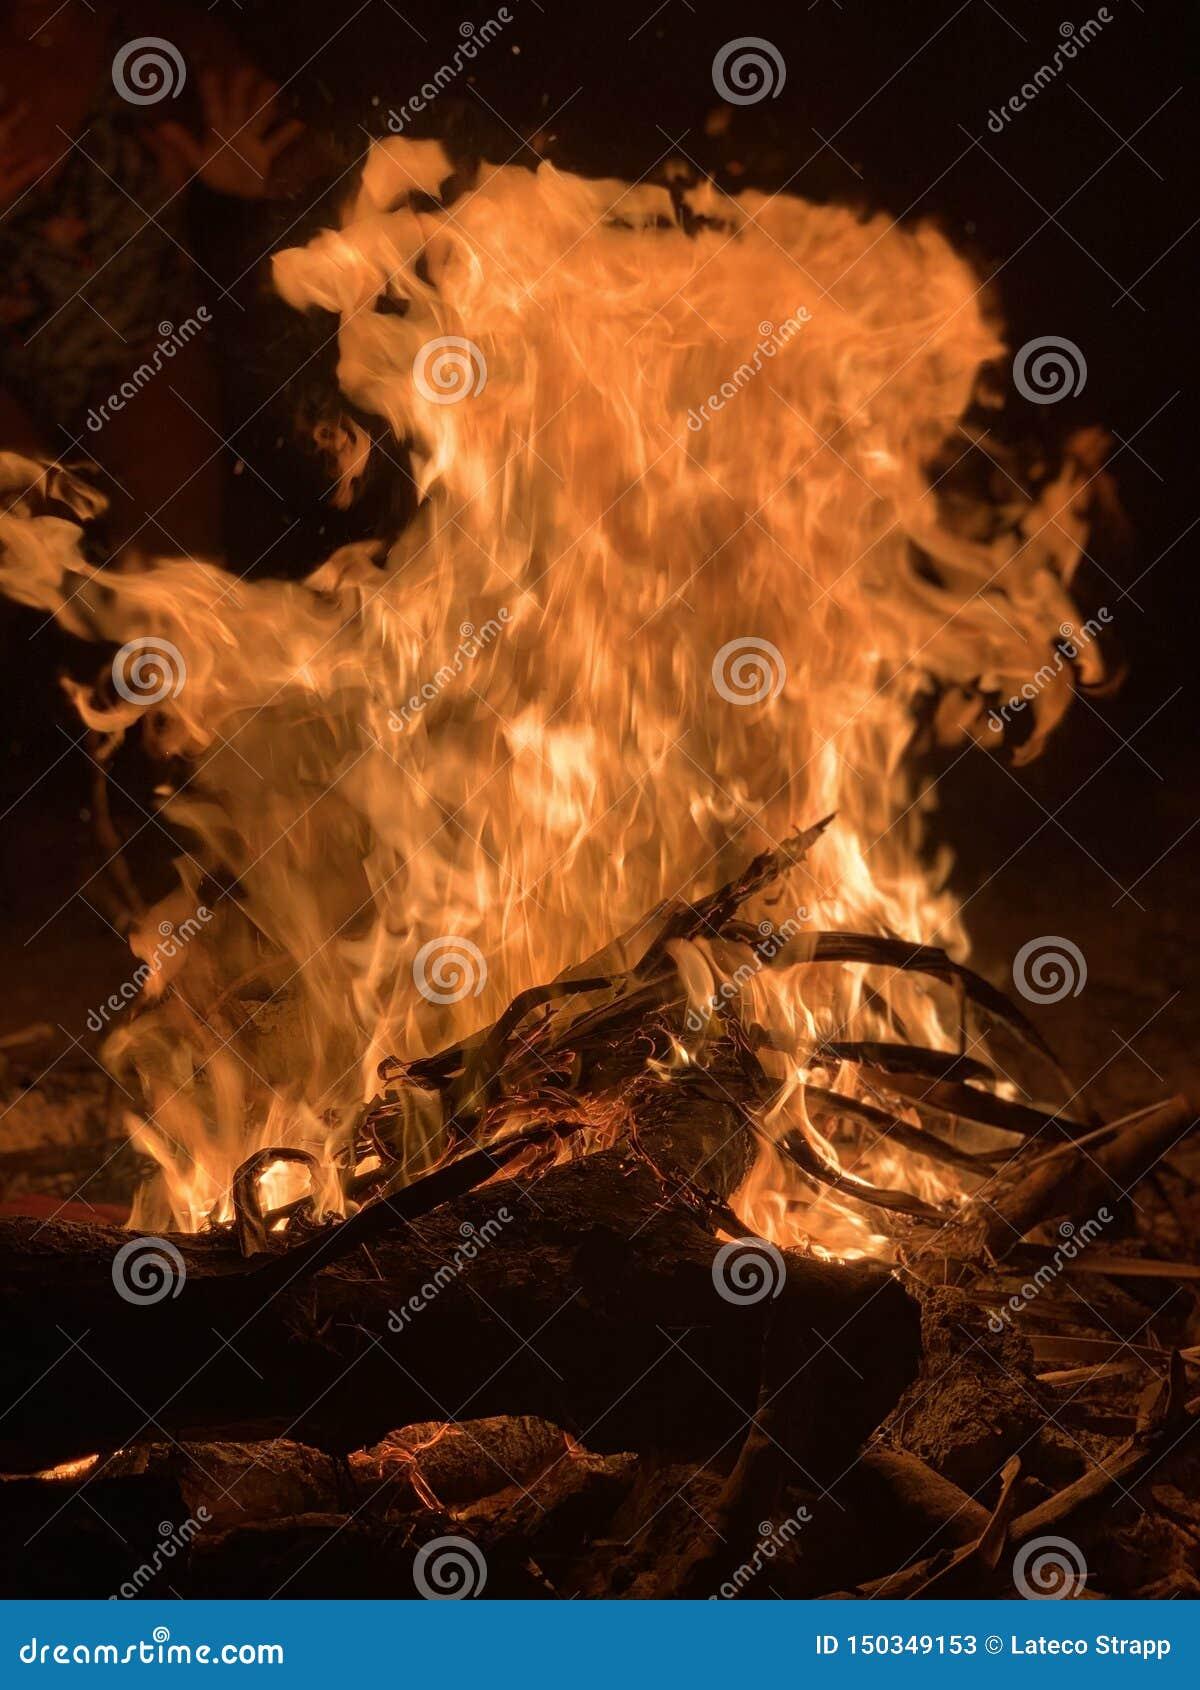 Hoog - de Brand van het kwaliteitskamp